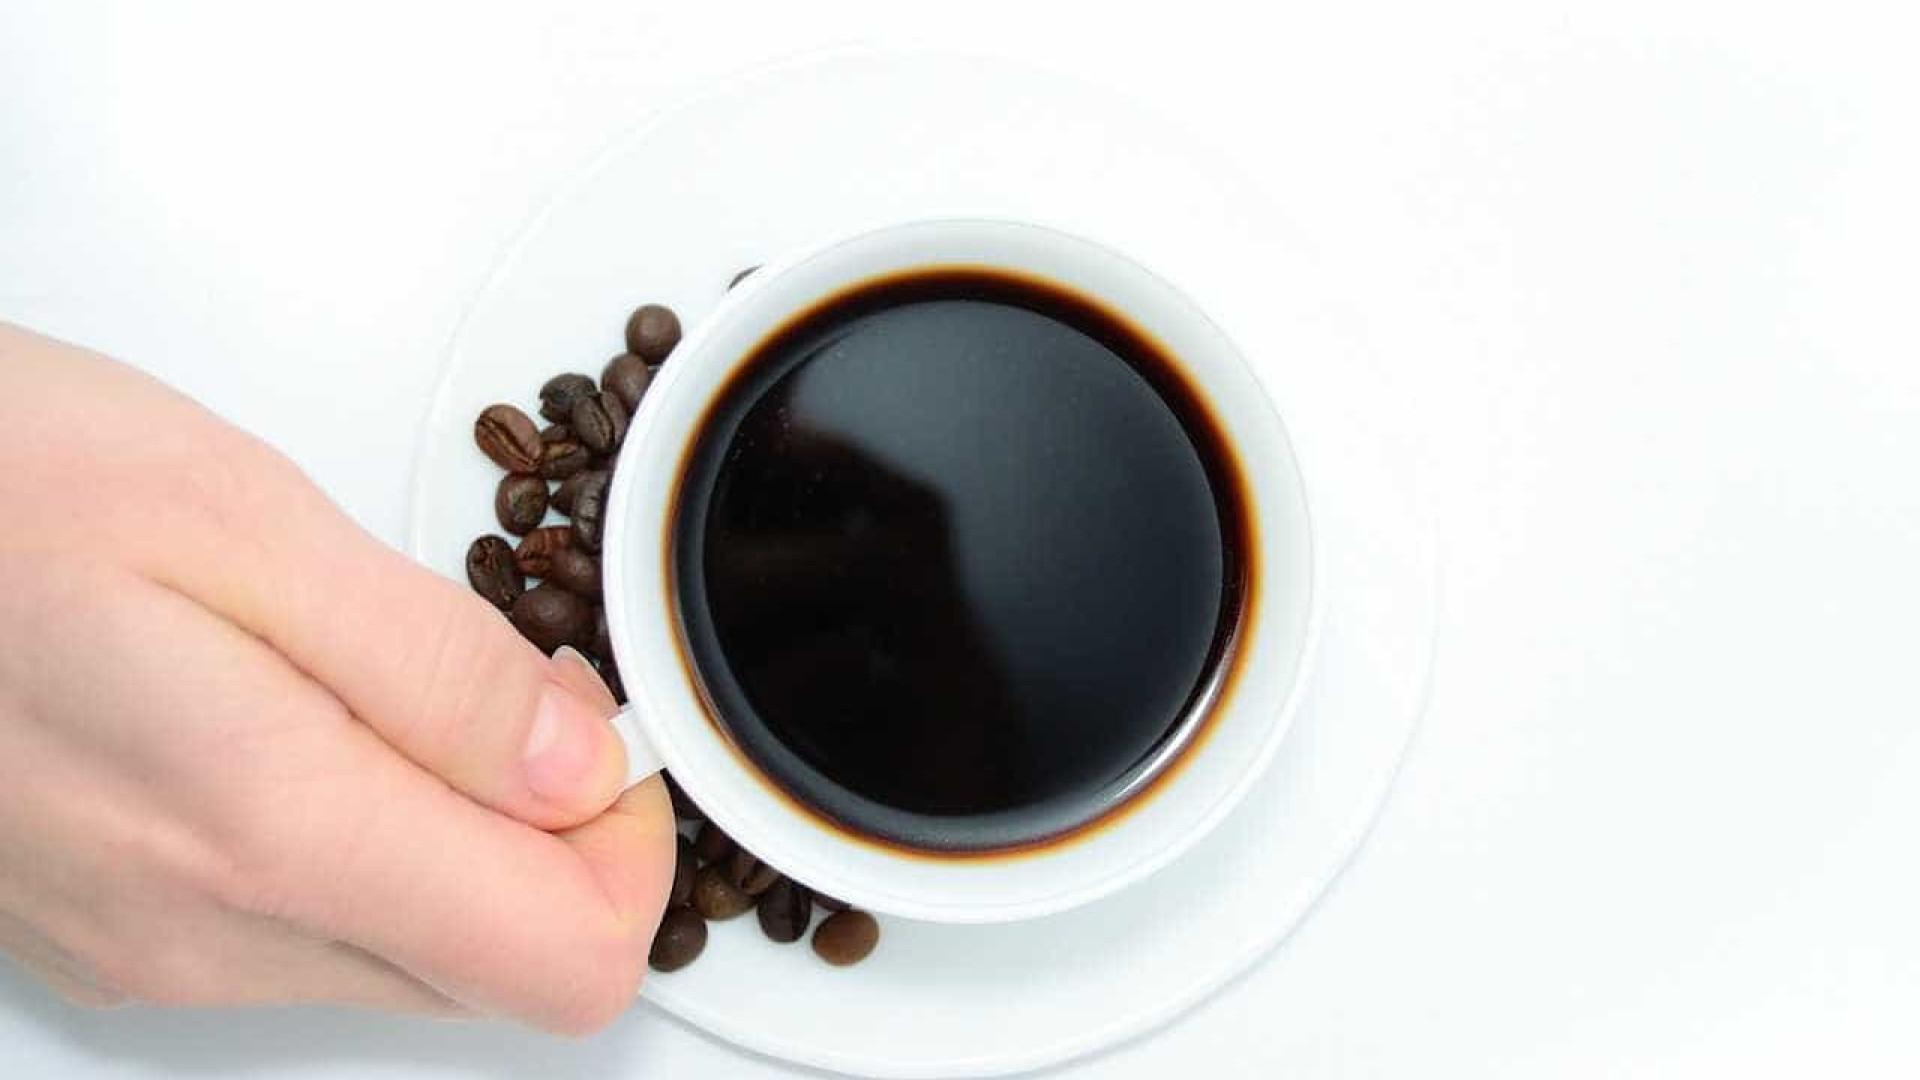 Mais motivos para continuar a beber café? Aqui tem sete